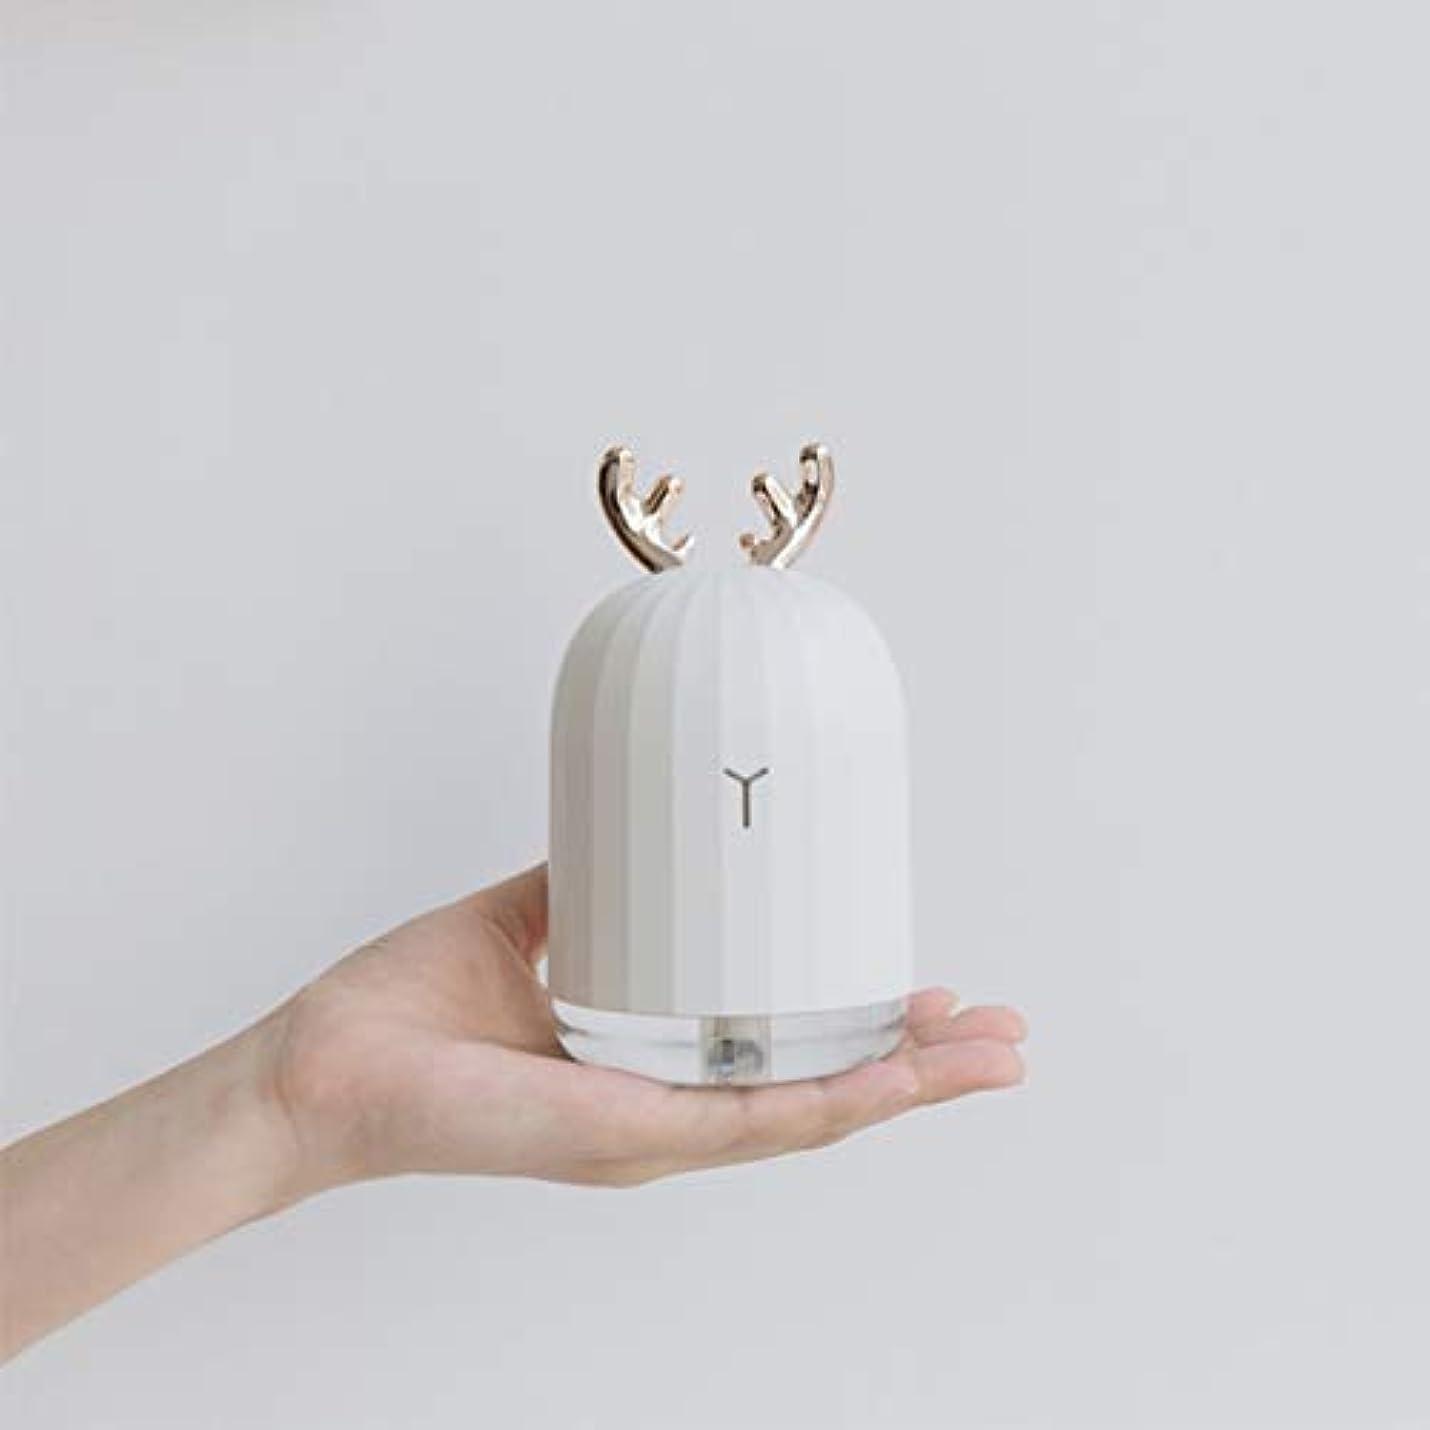 襟痴漢胚芽Saikogoods LEDナイトライトとラベンダーの空気超音波加湿エッセンシャルオイルディフューザーアトマイザーエアフレッシュナーミストメーカー 鹿